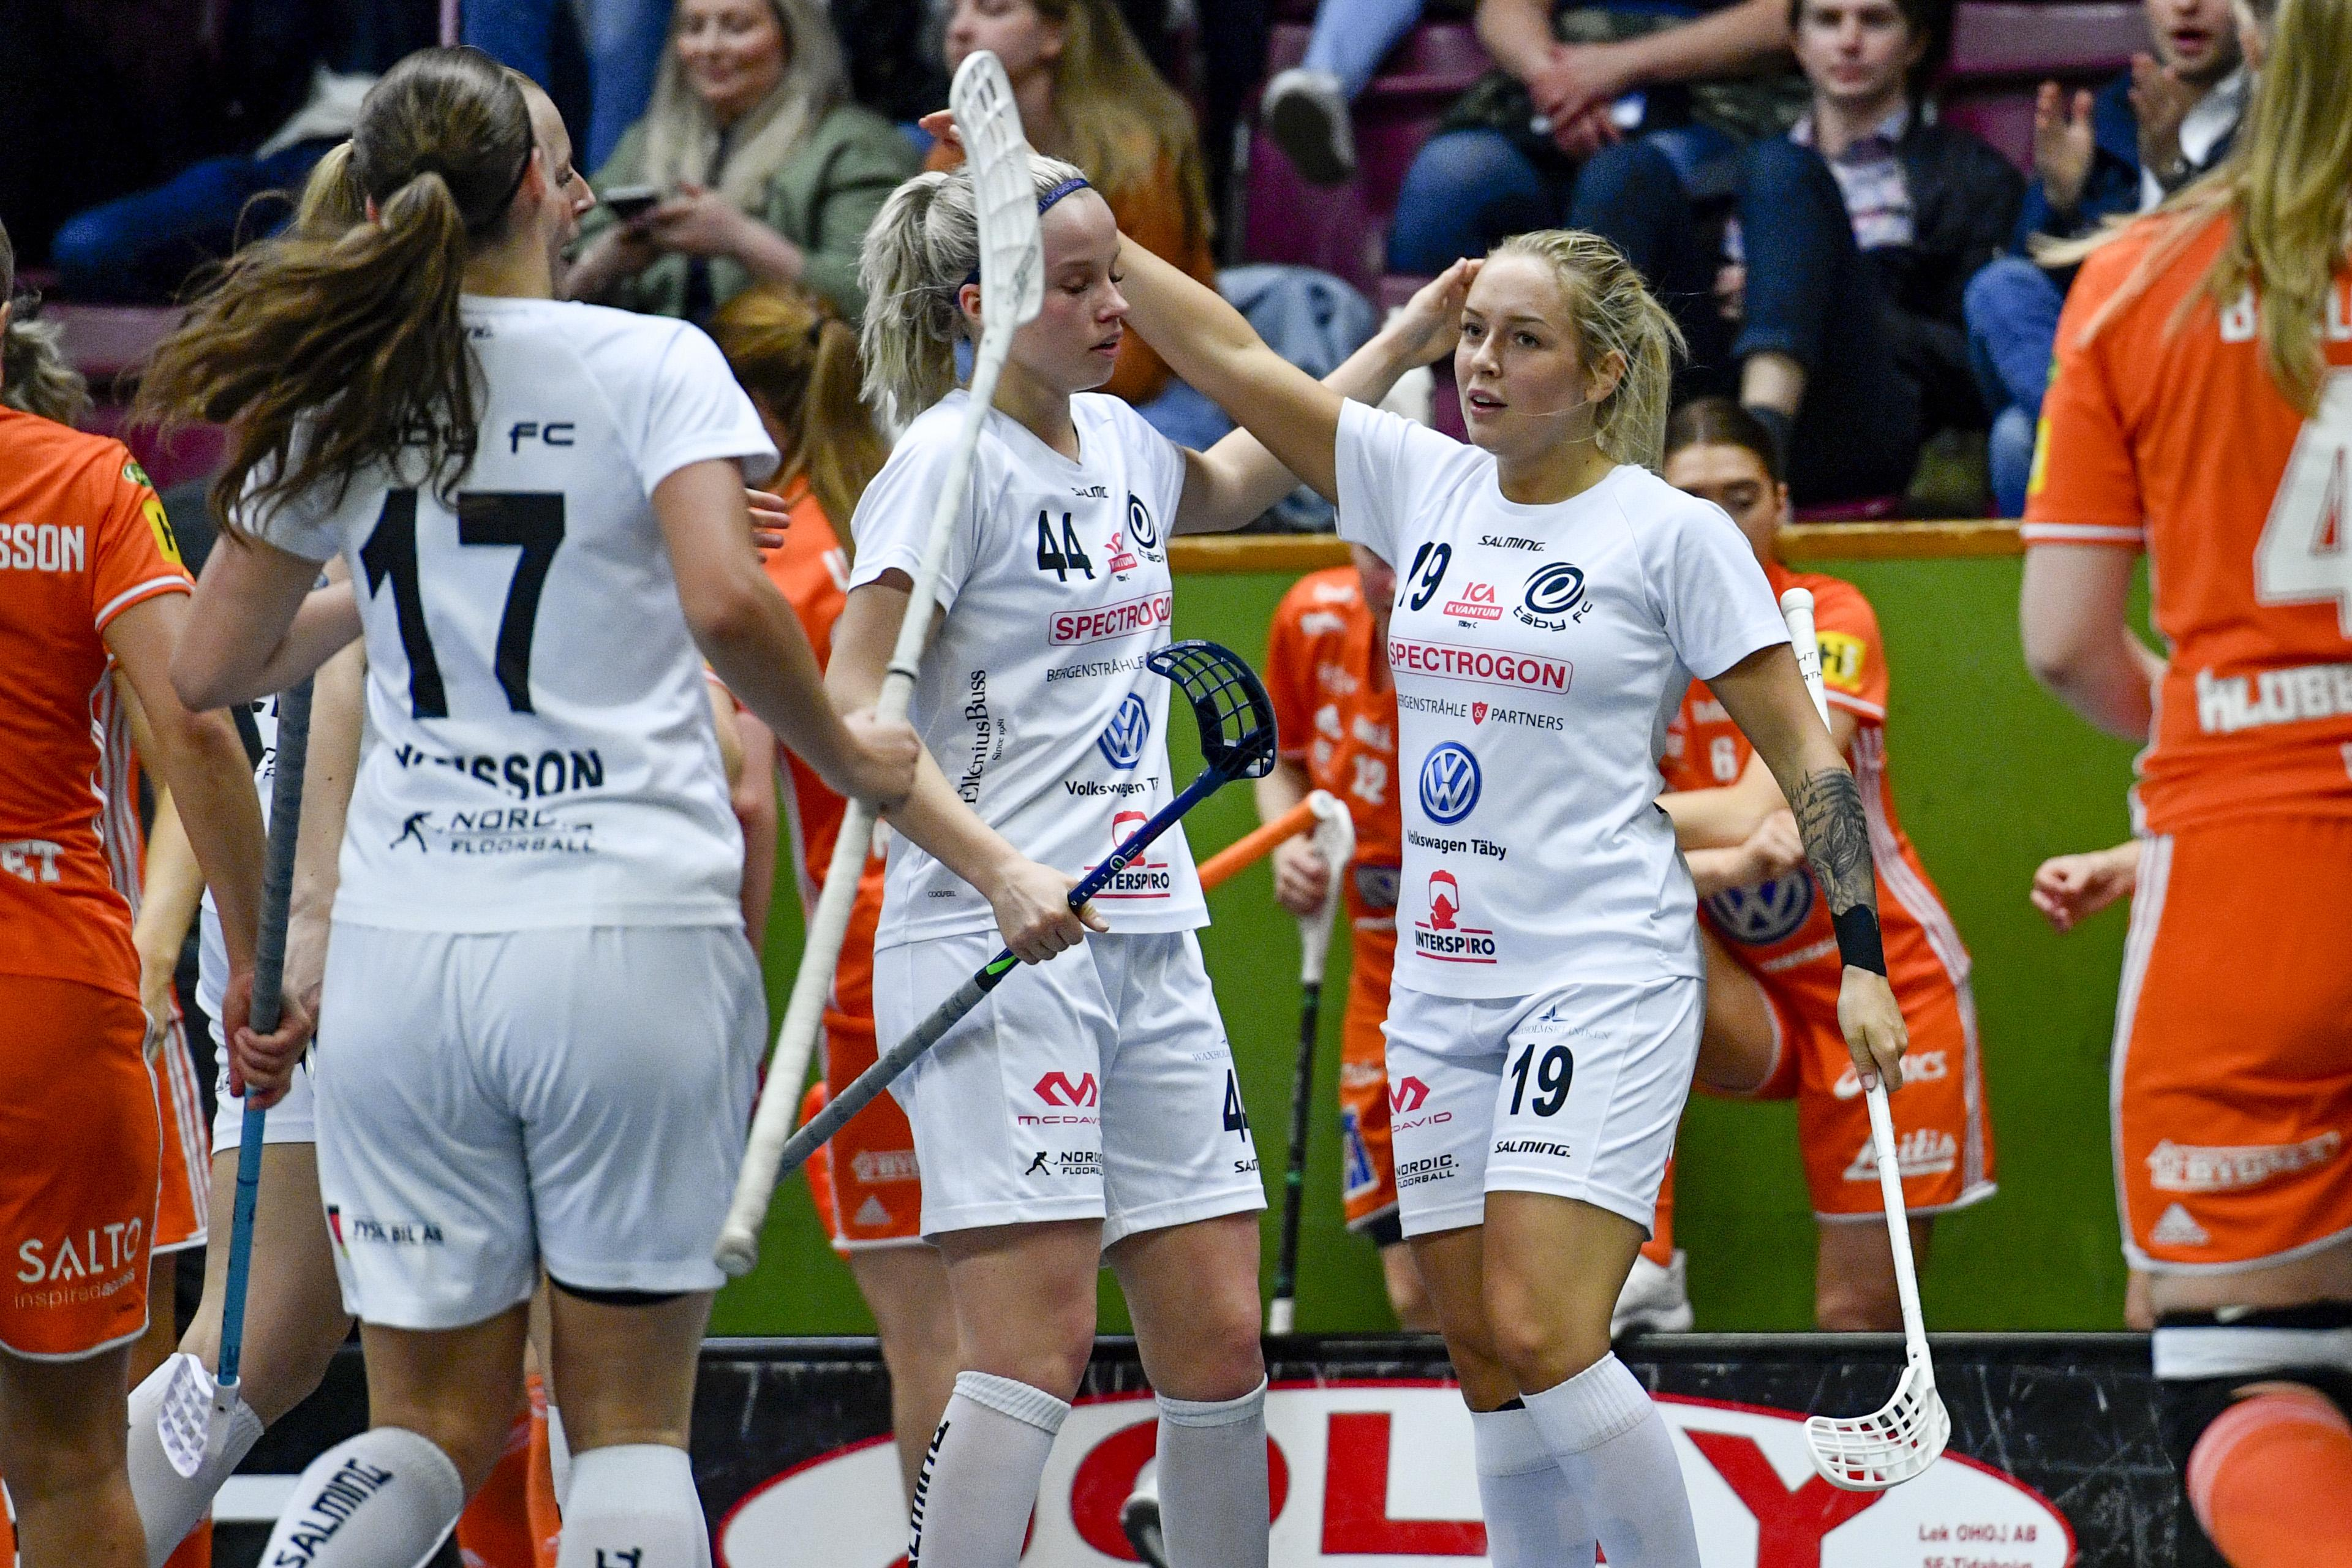 Linnea Wiregård jublar efter ett mål mot Iksu i semifinalen. Bild: Erik Simander/TT.